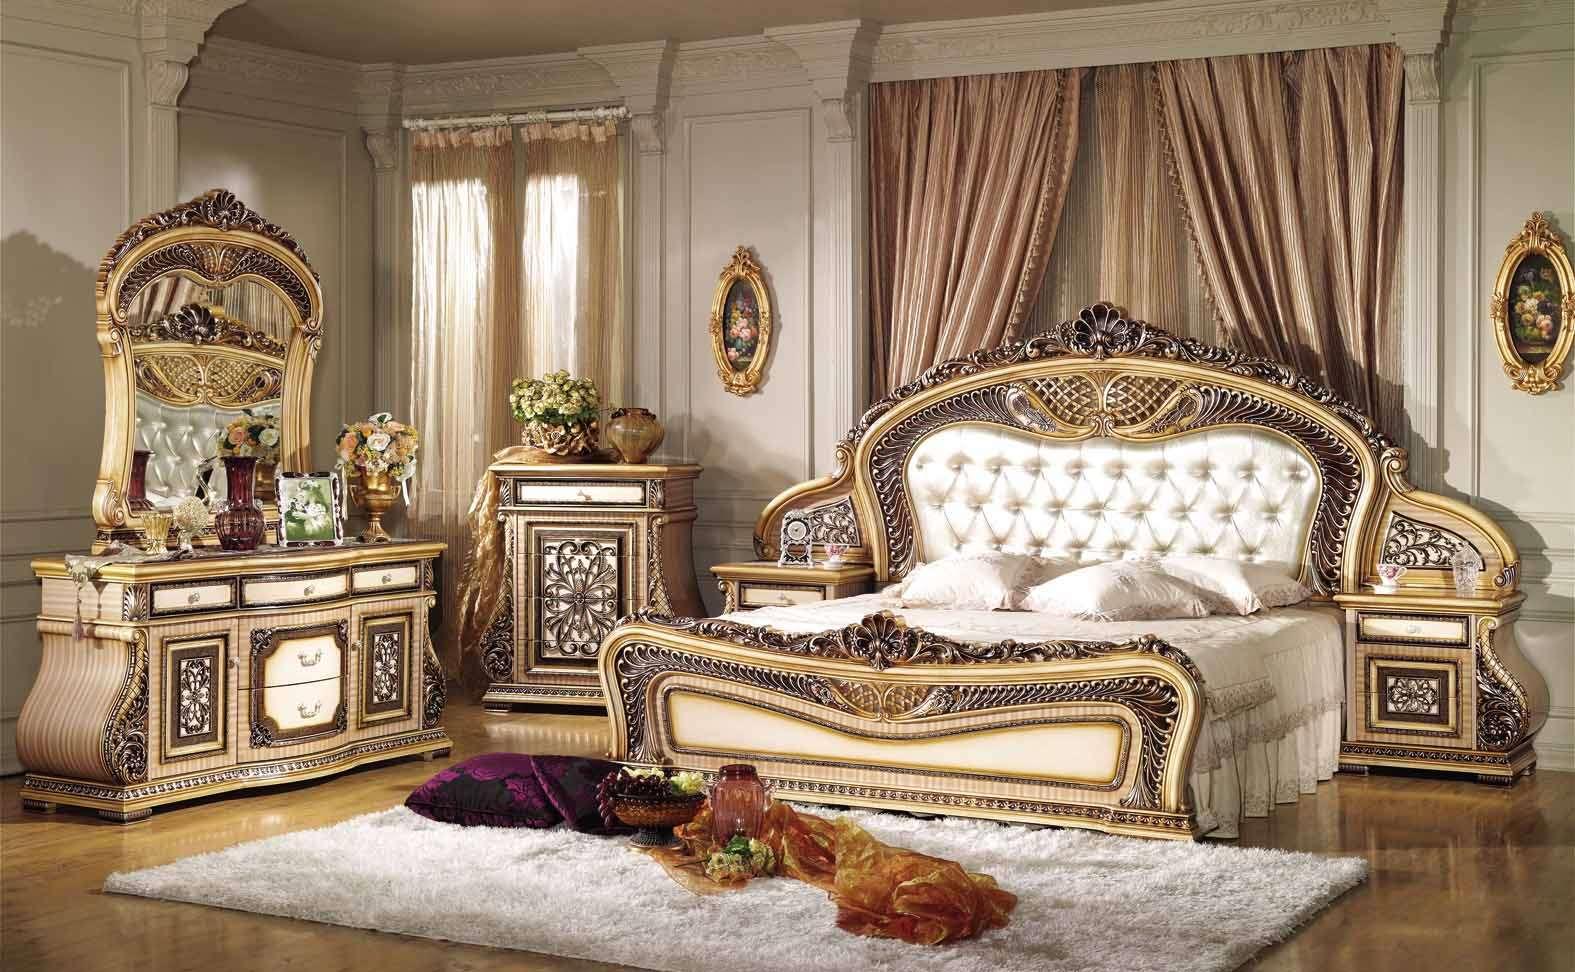 صالة البلياردو والبار فى قصر جيرارد - اليوم السابع -3 -2015